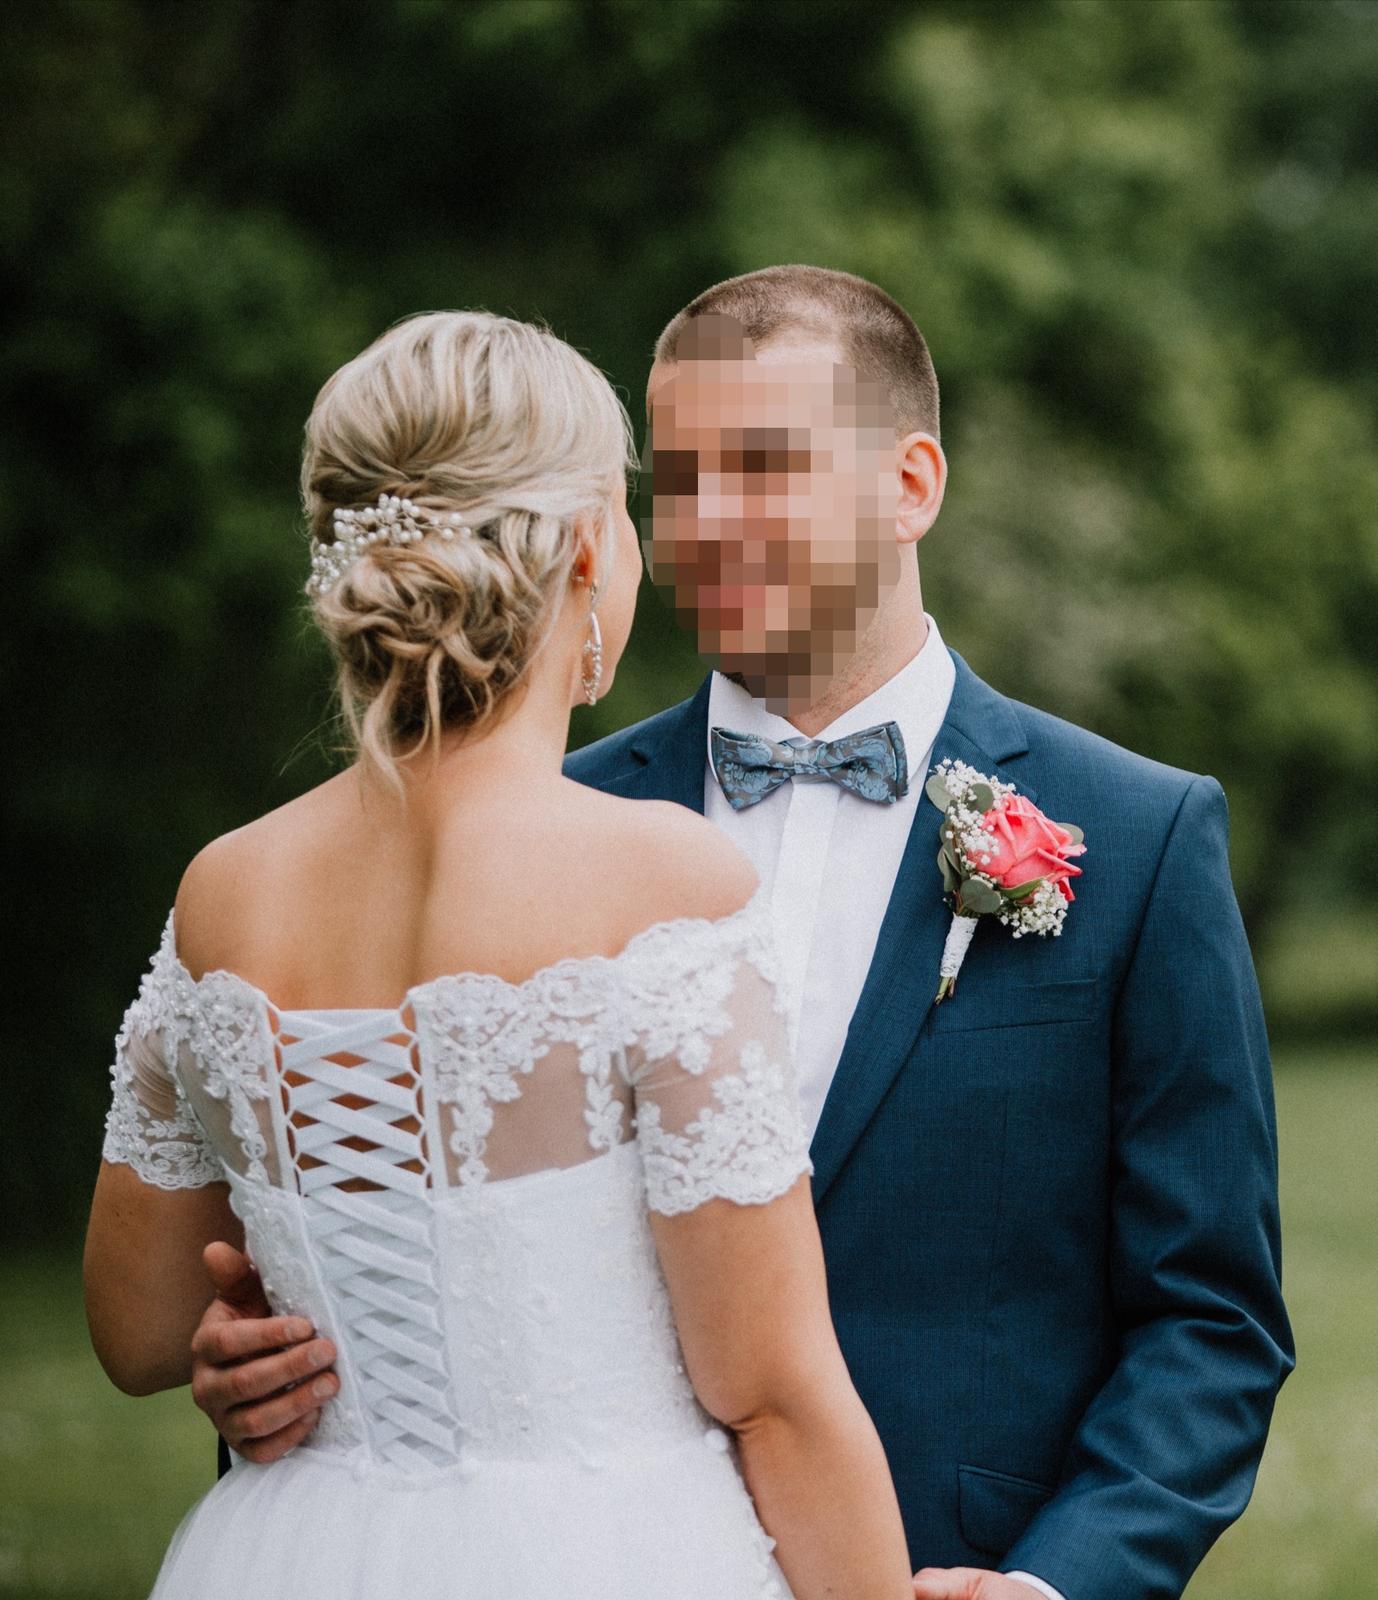 Nádherné svadobné šaty pre vyššiu postavu - Obrázok č. 3